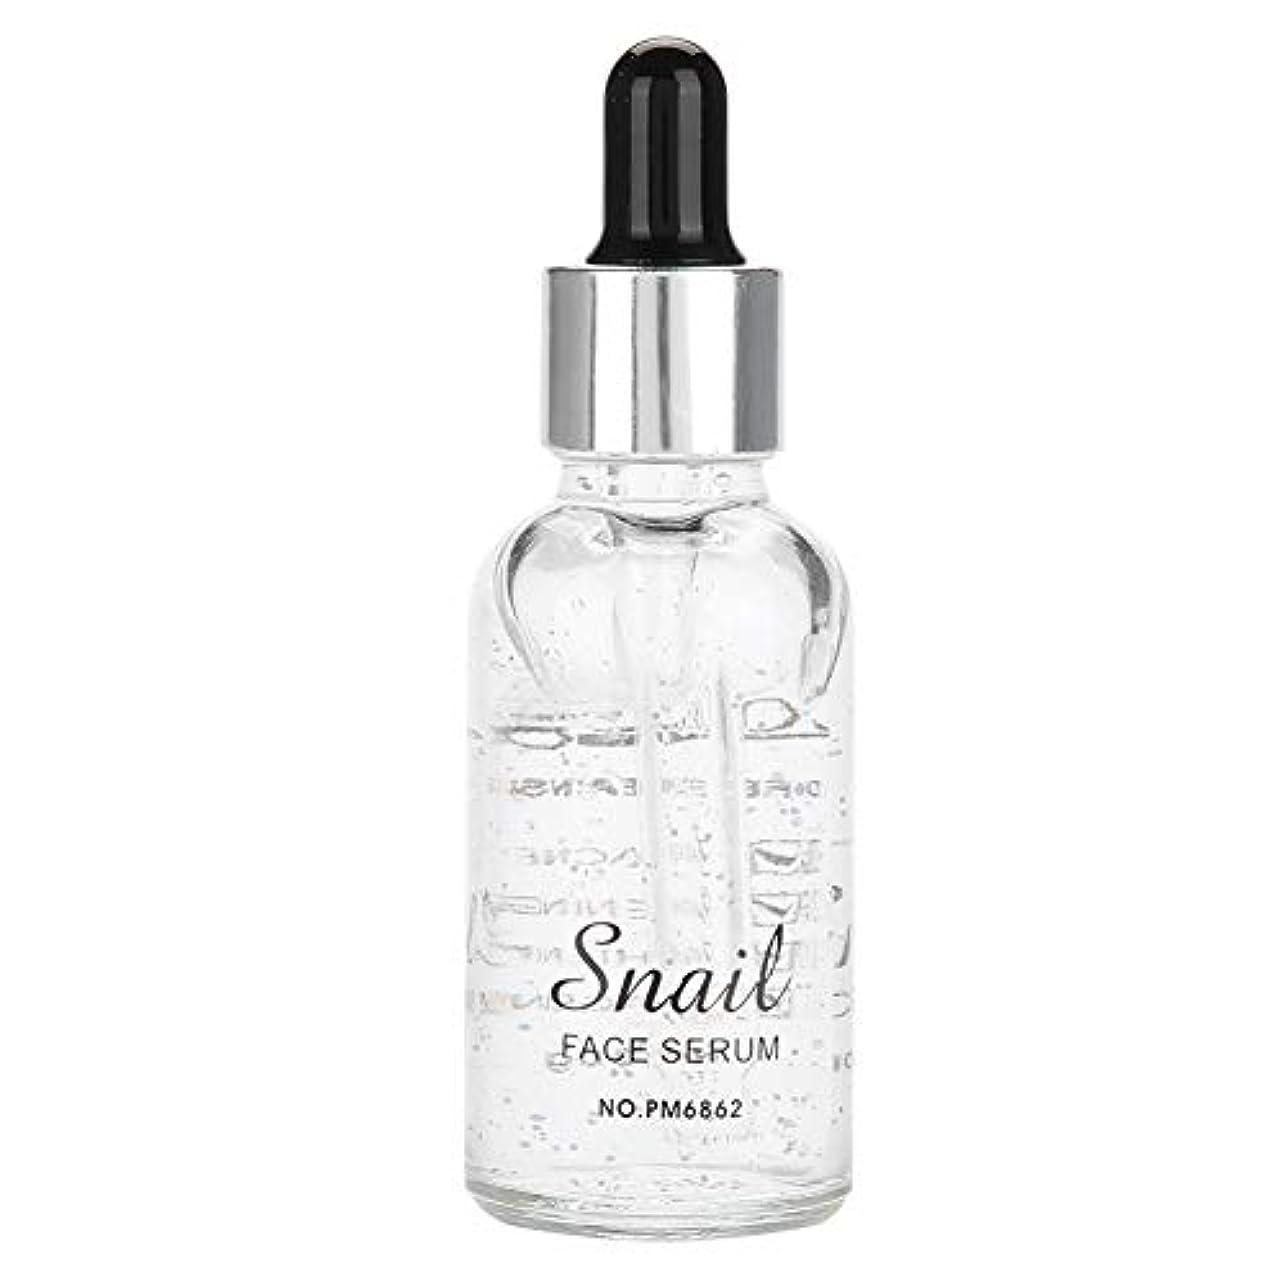 文フリル狭いSemme Snail Solution血清、天然物質保湿エッセンス粗い毛穴を深く潤いと縮め、肌の弾力性を高め、引き締めます。